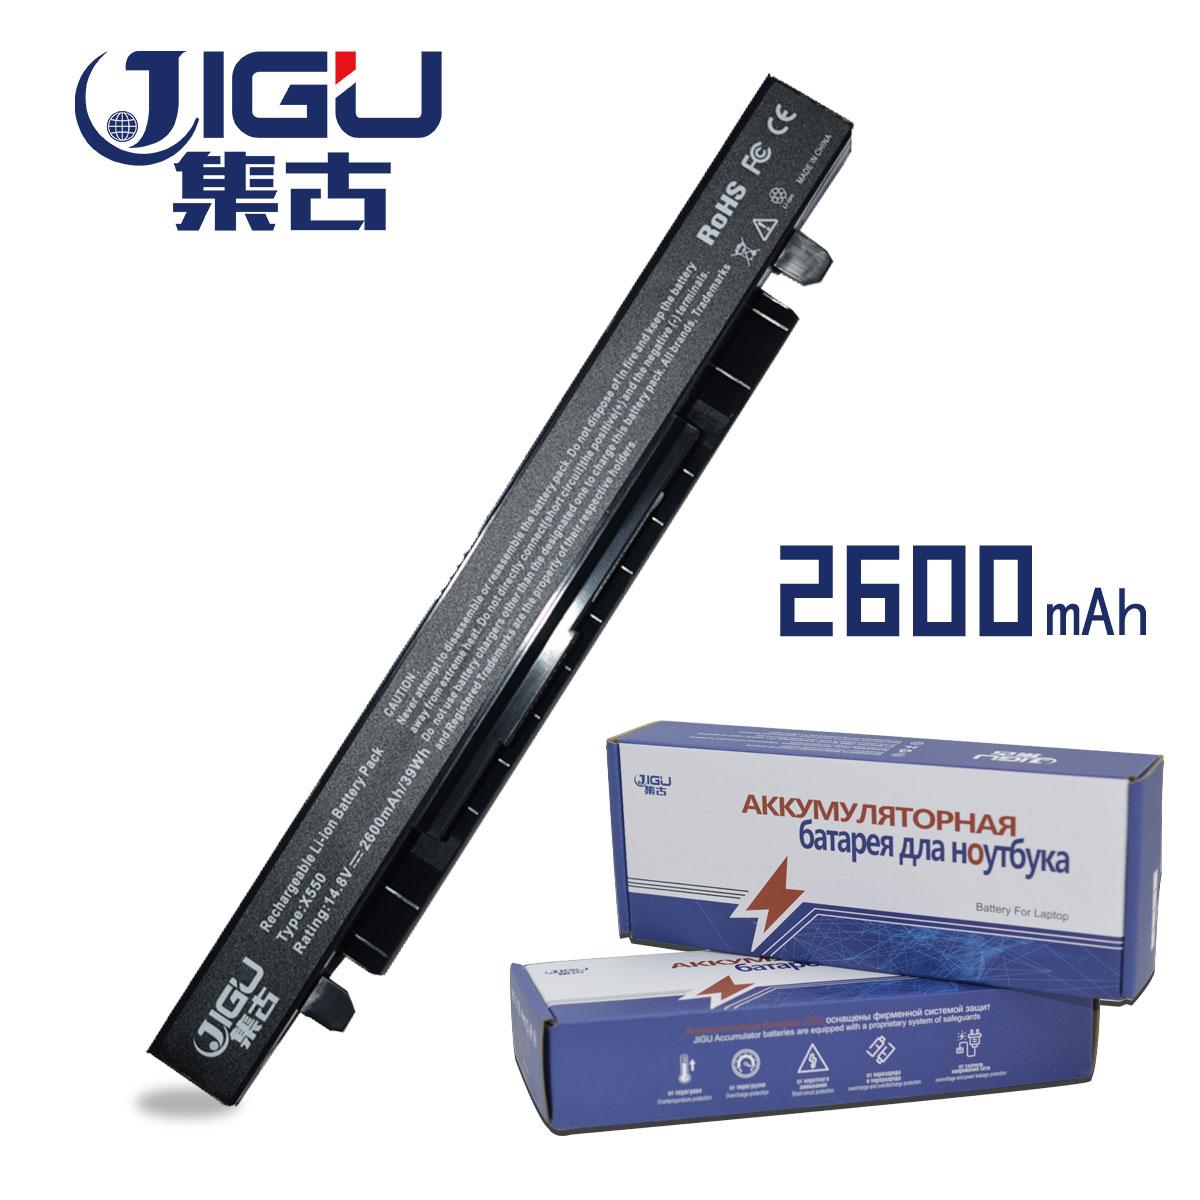 JIGU batería para Asus A41-X550 A41-X550A A450 A550 F450 F550 F552 K550 P450 P550 R409 R510 X450 X550 X550C X550A x550CA